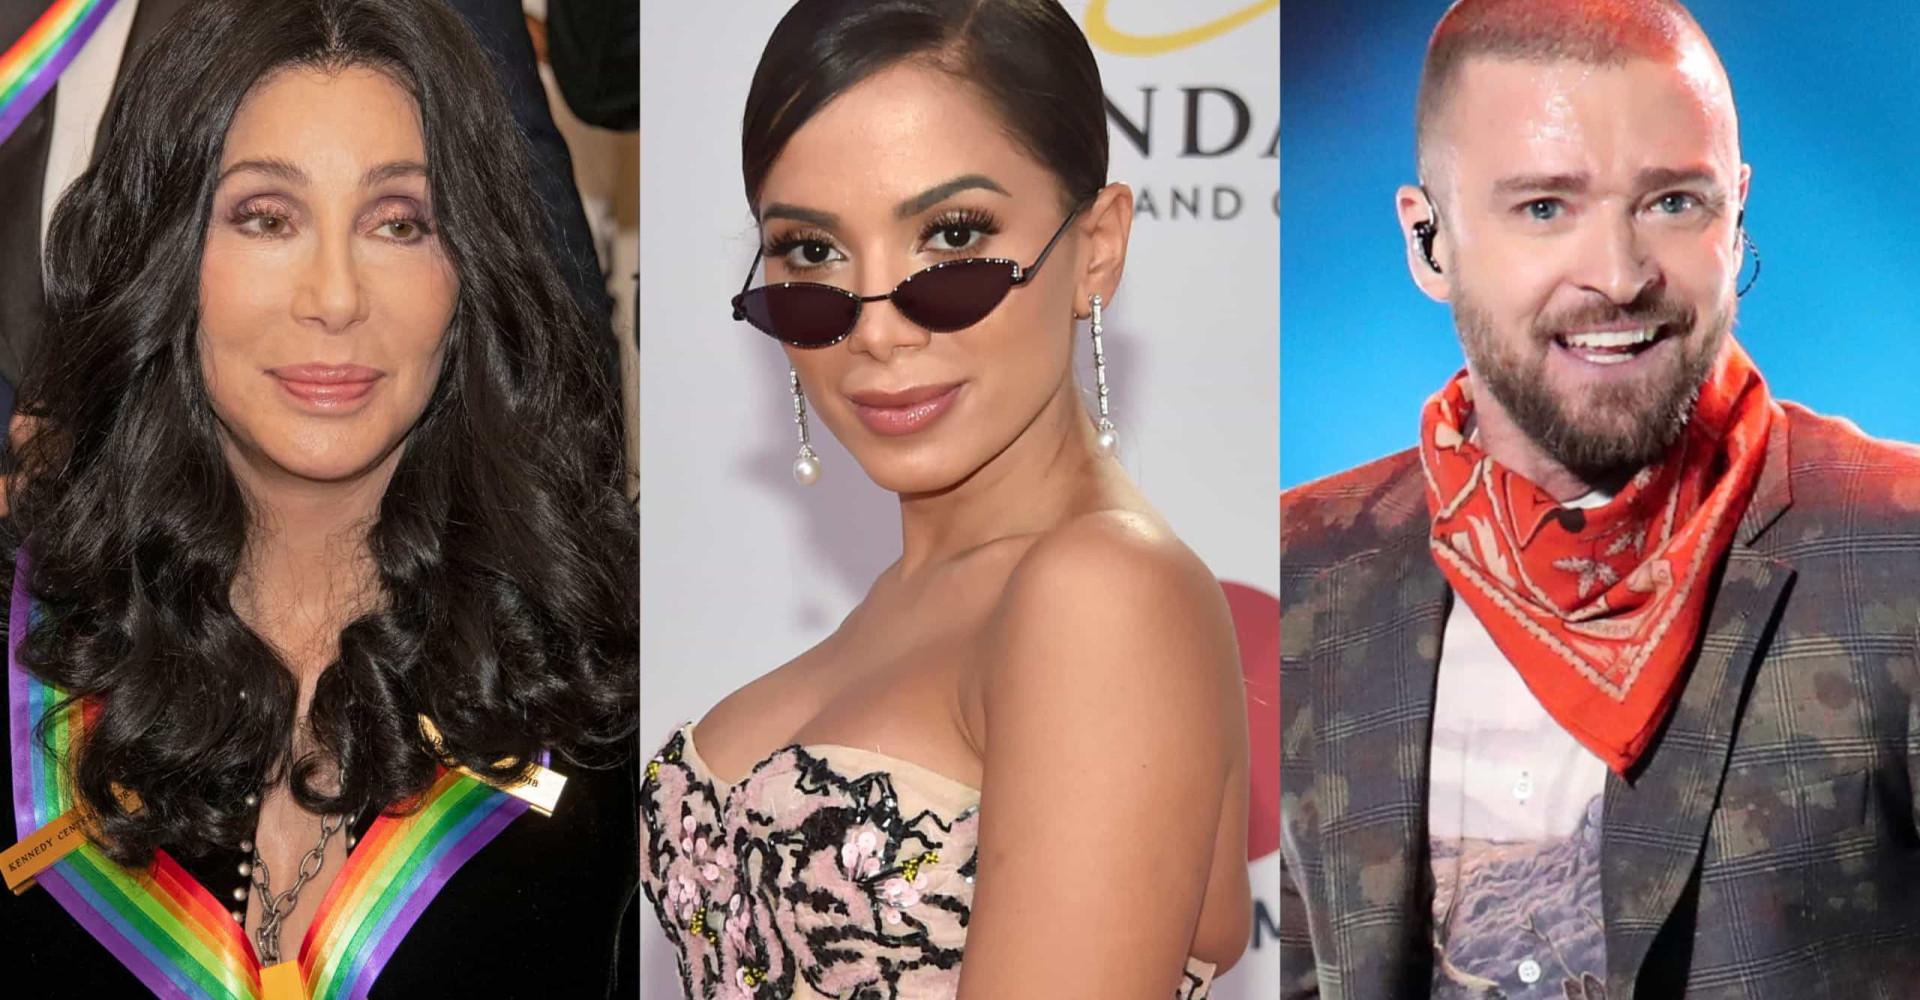 Os maiores arrependimentos dos famosos - e o que podemos aprender com eles!